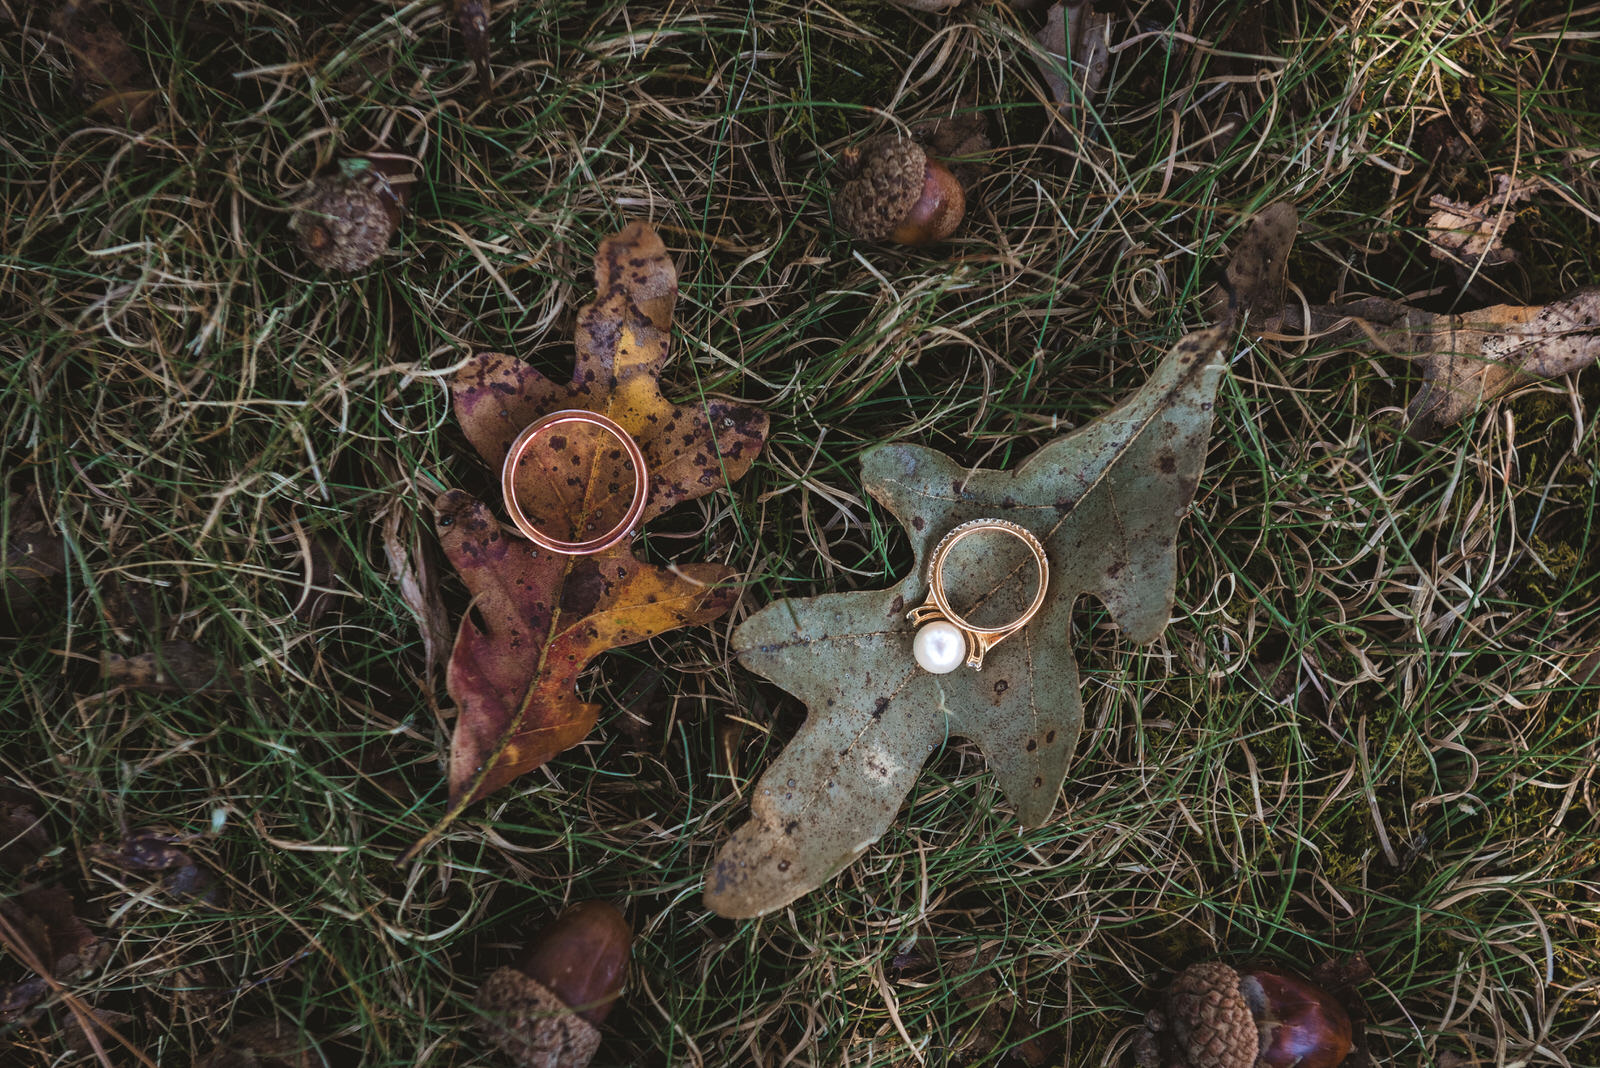 fall wedding rings sitting on leaves in parkersburg west virginia